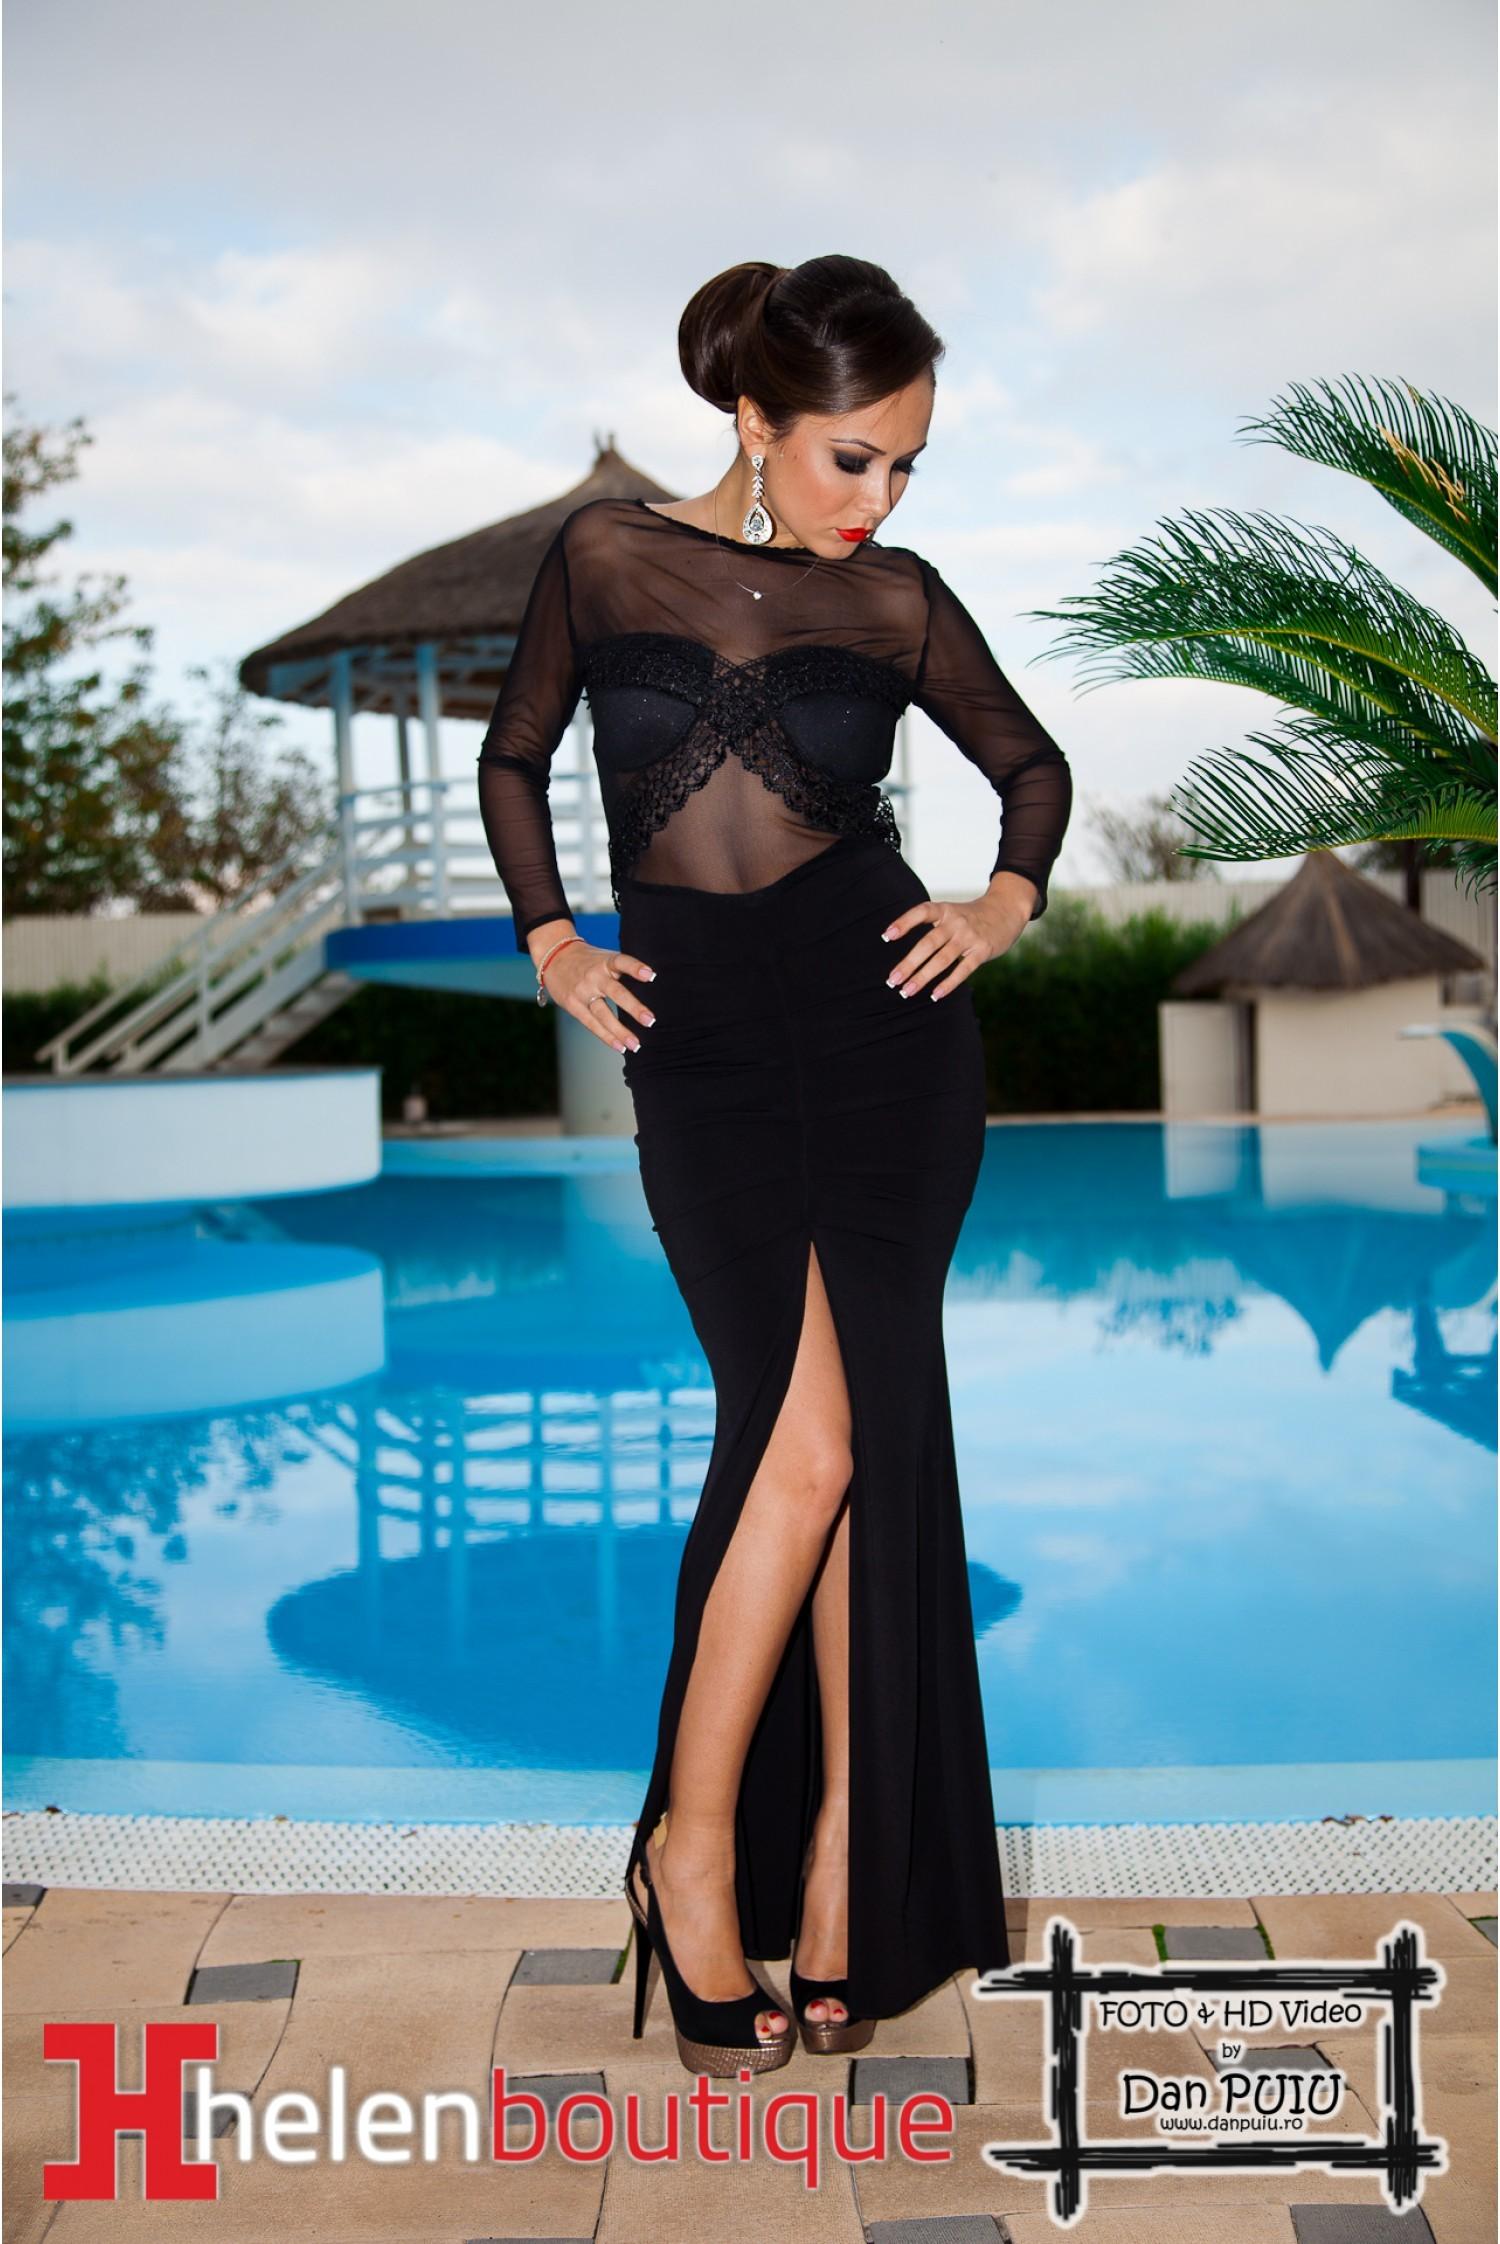 Helen Boutique by Dan PUIU - Poza-821-IMG_2301-1500x2244